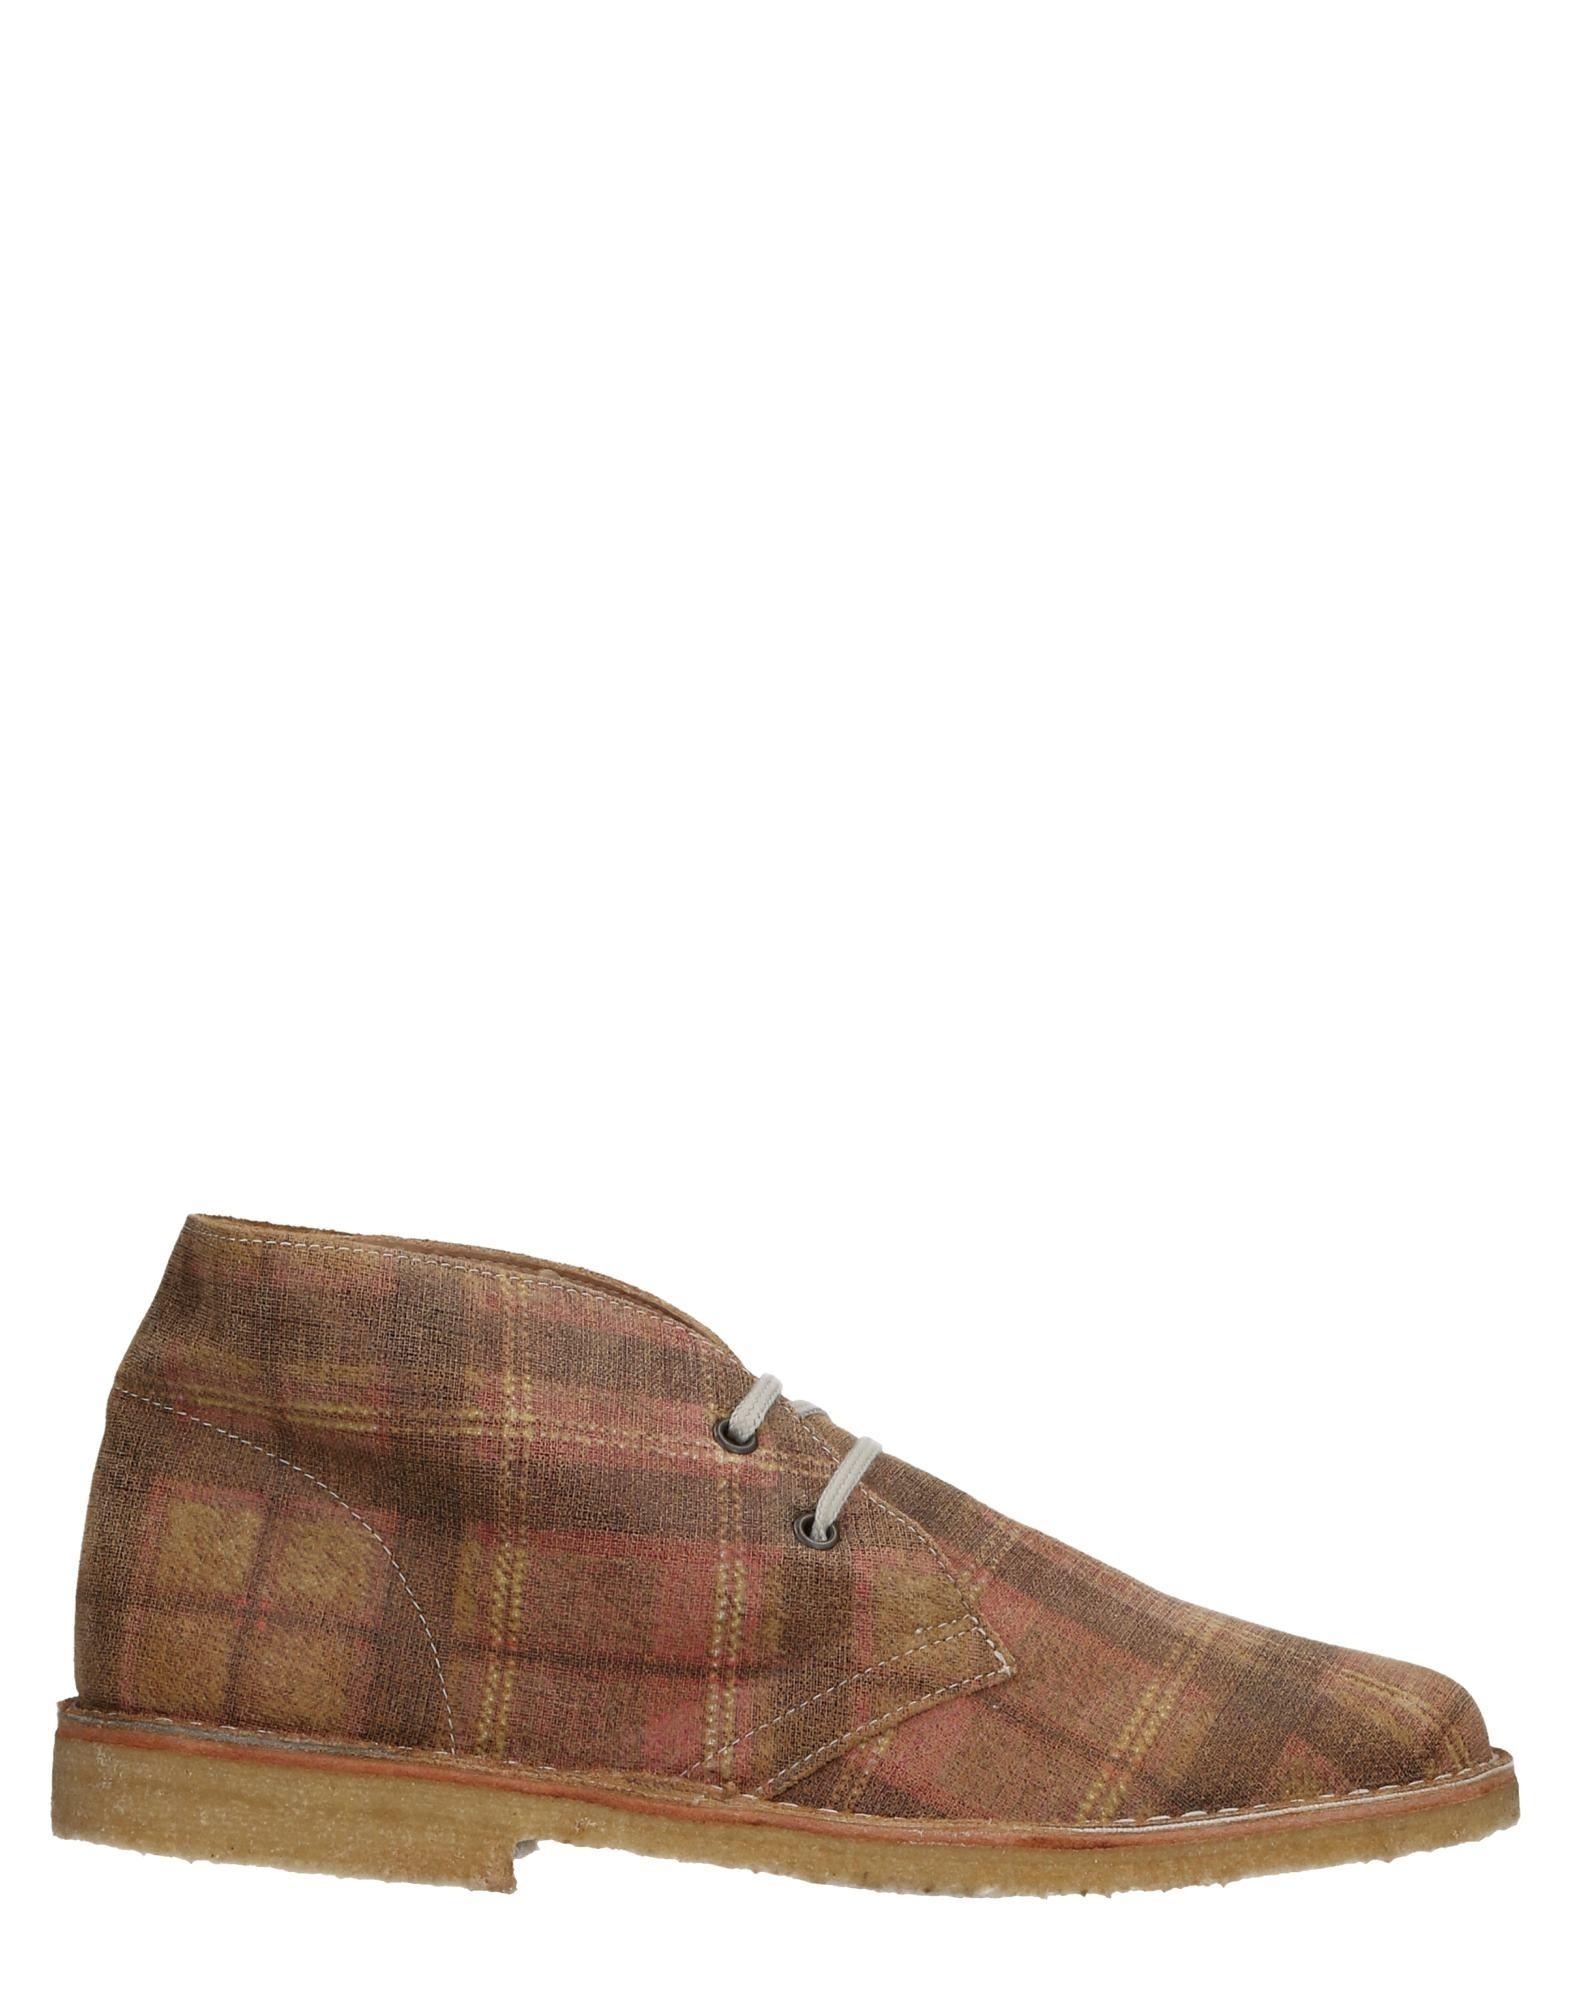 Paolo Simonini Stiefelette Herren  11510732BR Gute Qualität beliebte Schuhe